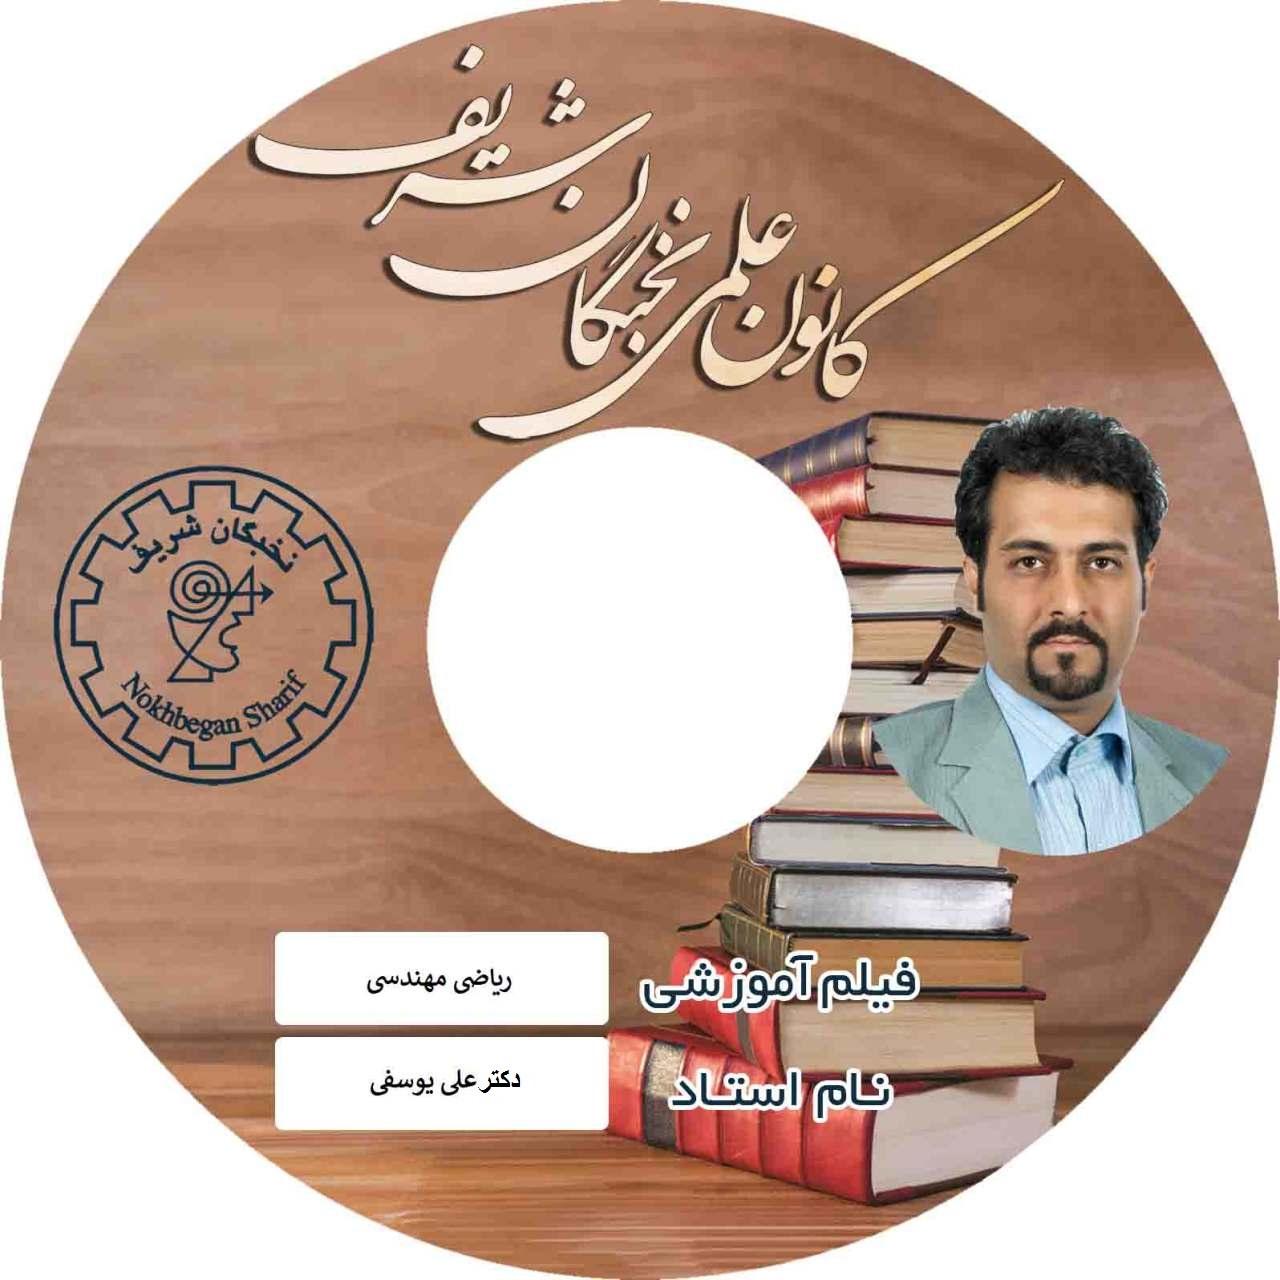 آموزش تصویری ریاضی مهندسی نشر کانون علمی نخبگان شریف